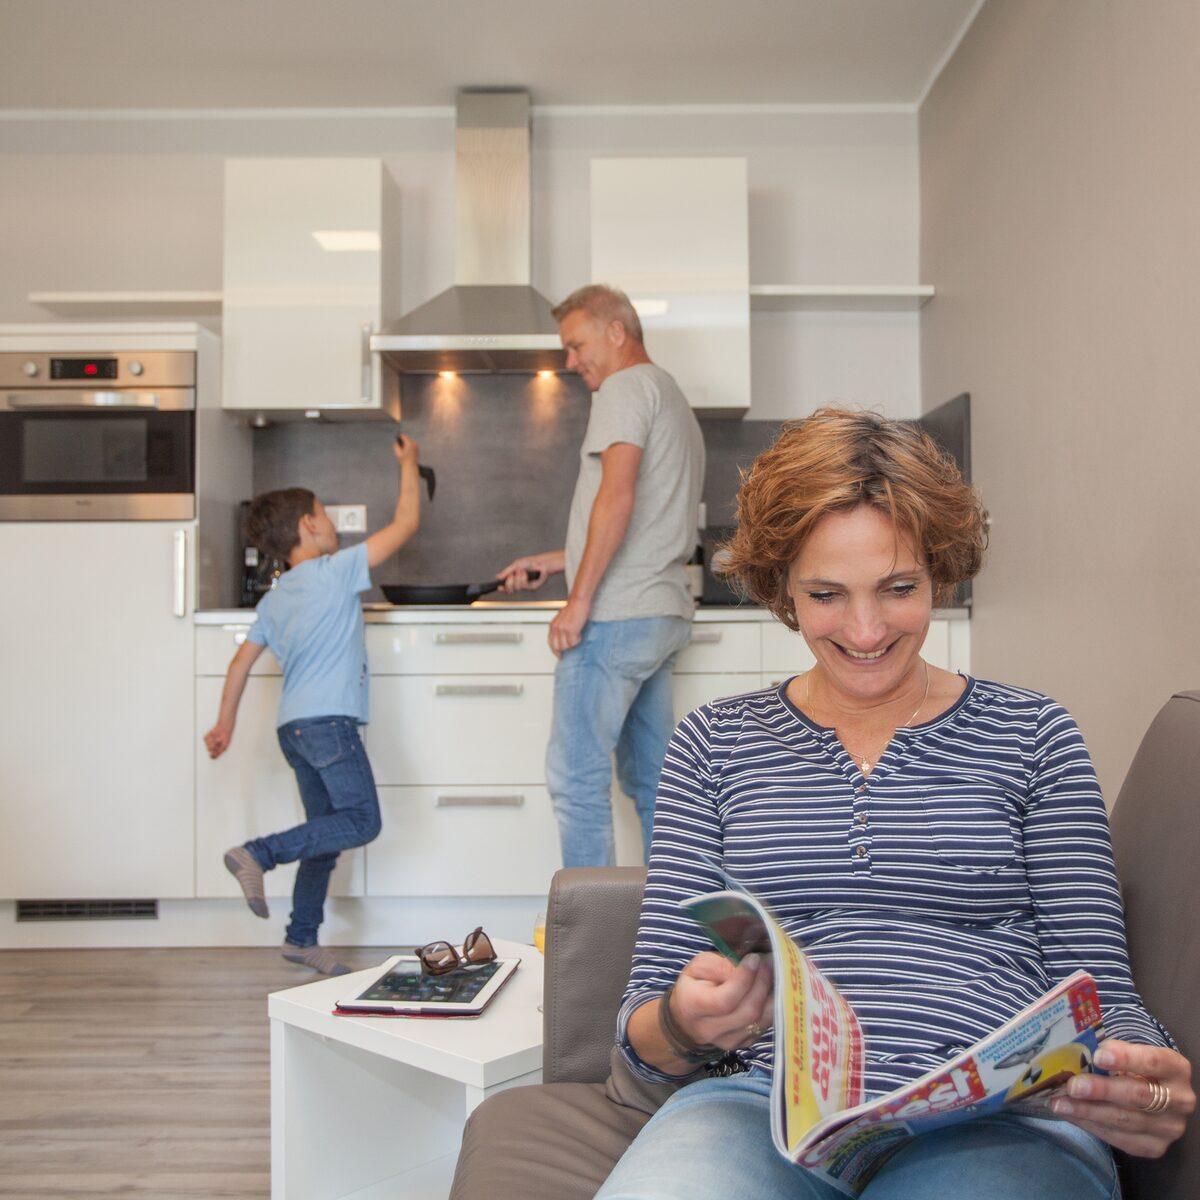 Groepsaccommodatie (12 appartementen) voor 35 personen*